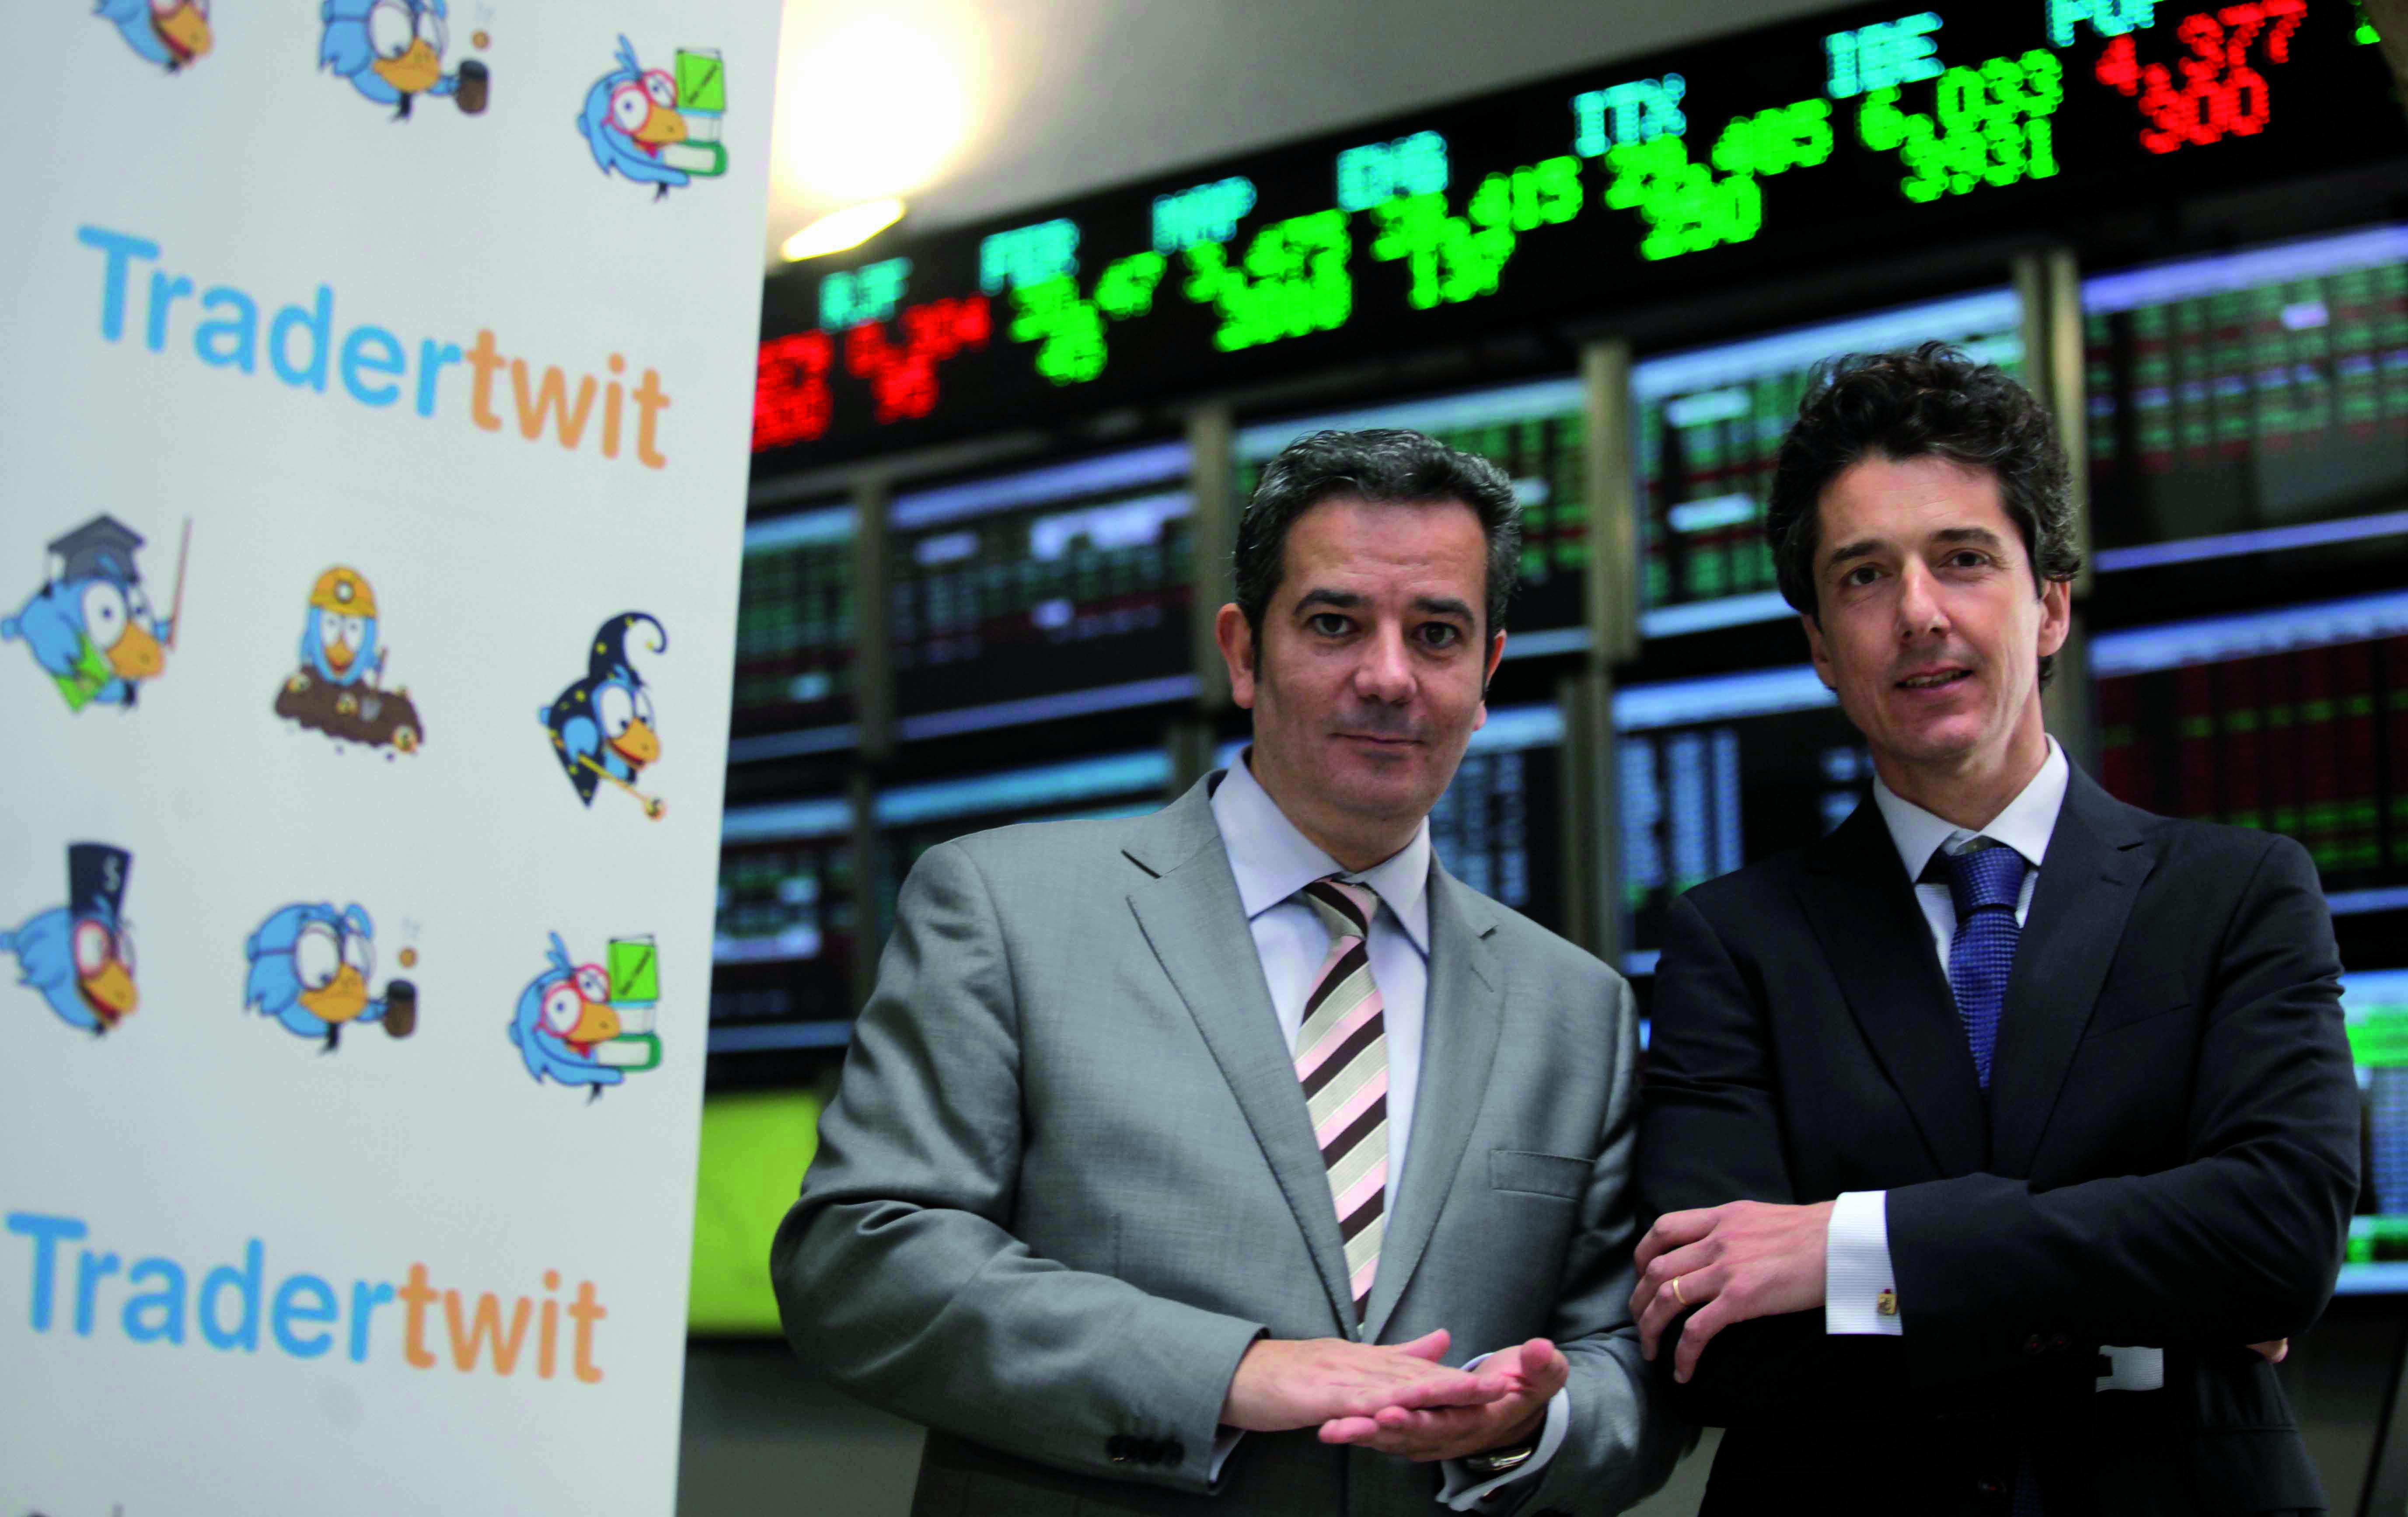 Los fundadores de Tradertwit. José Luis Cases (izquierda) y Pablo González (derecha). Fuente. Finanzas.com